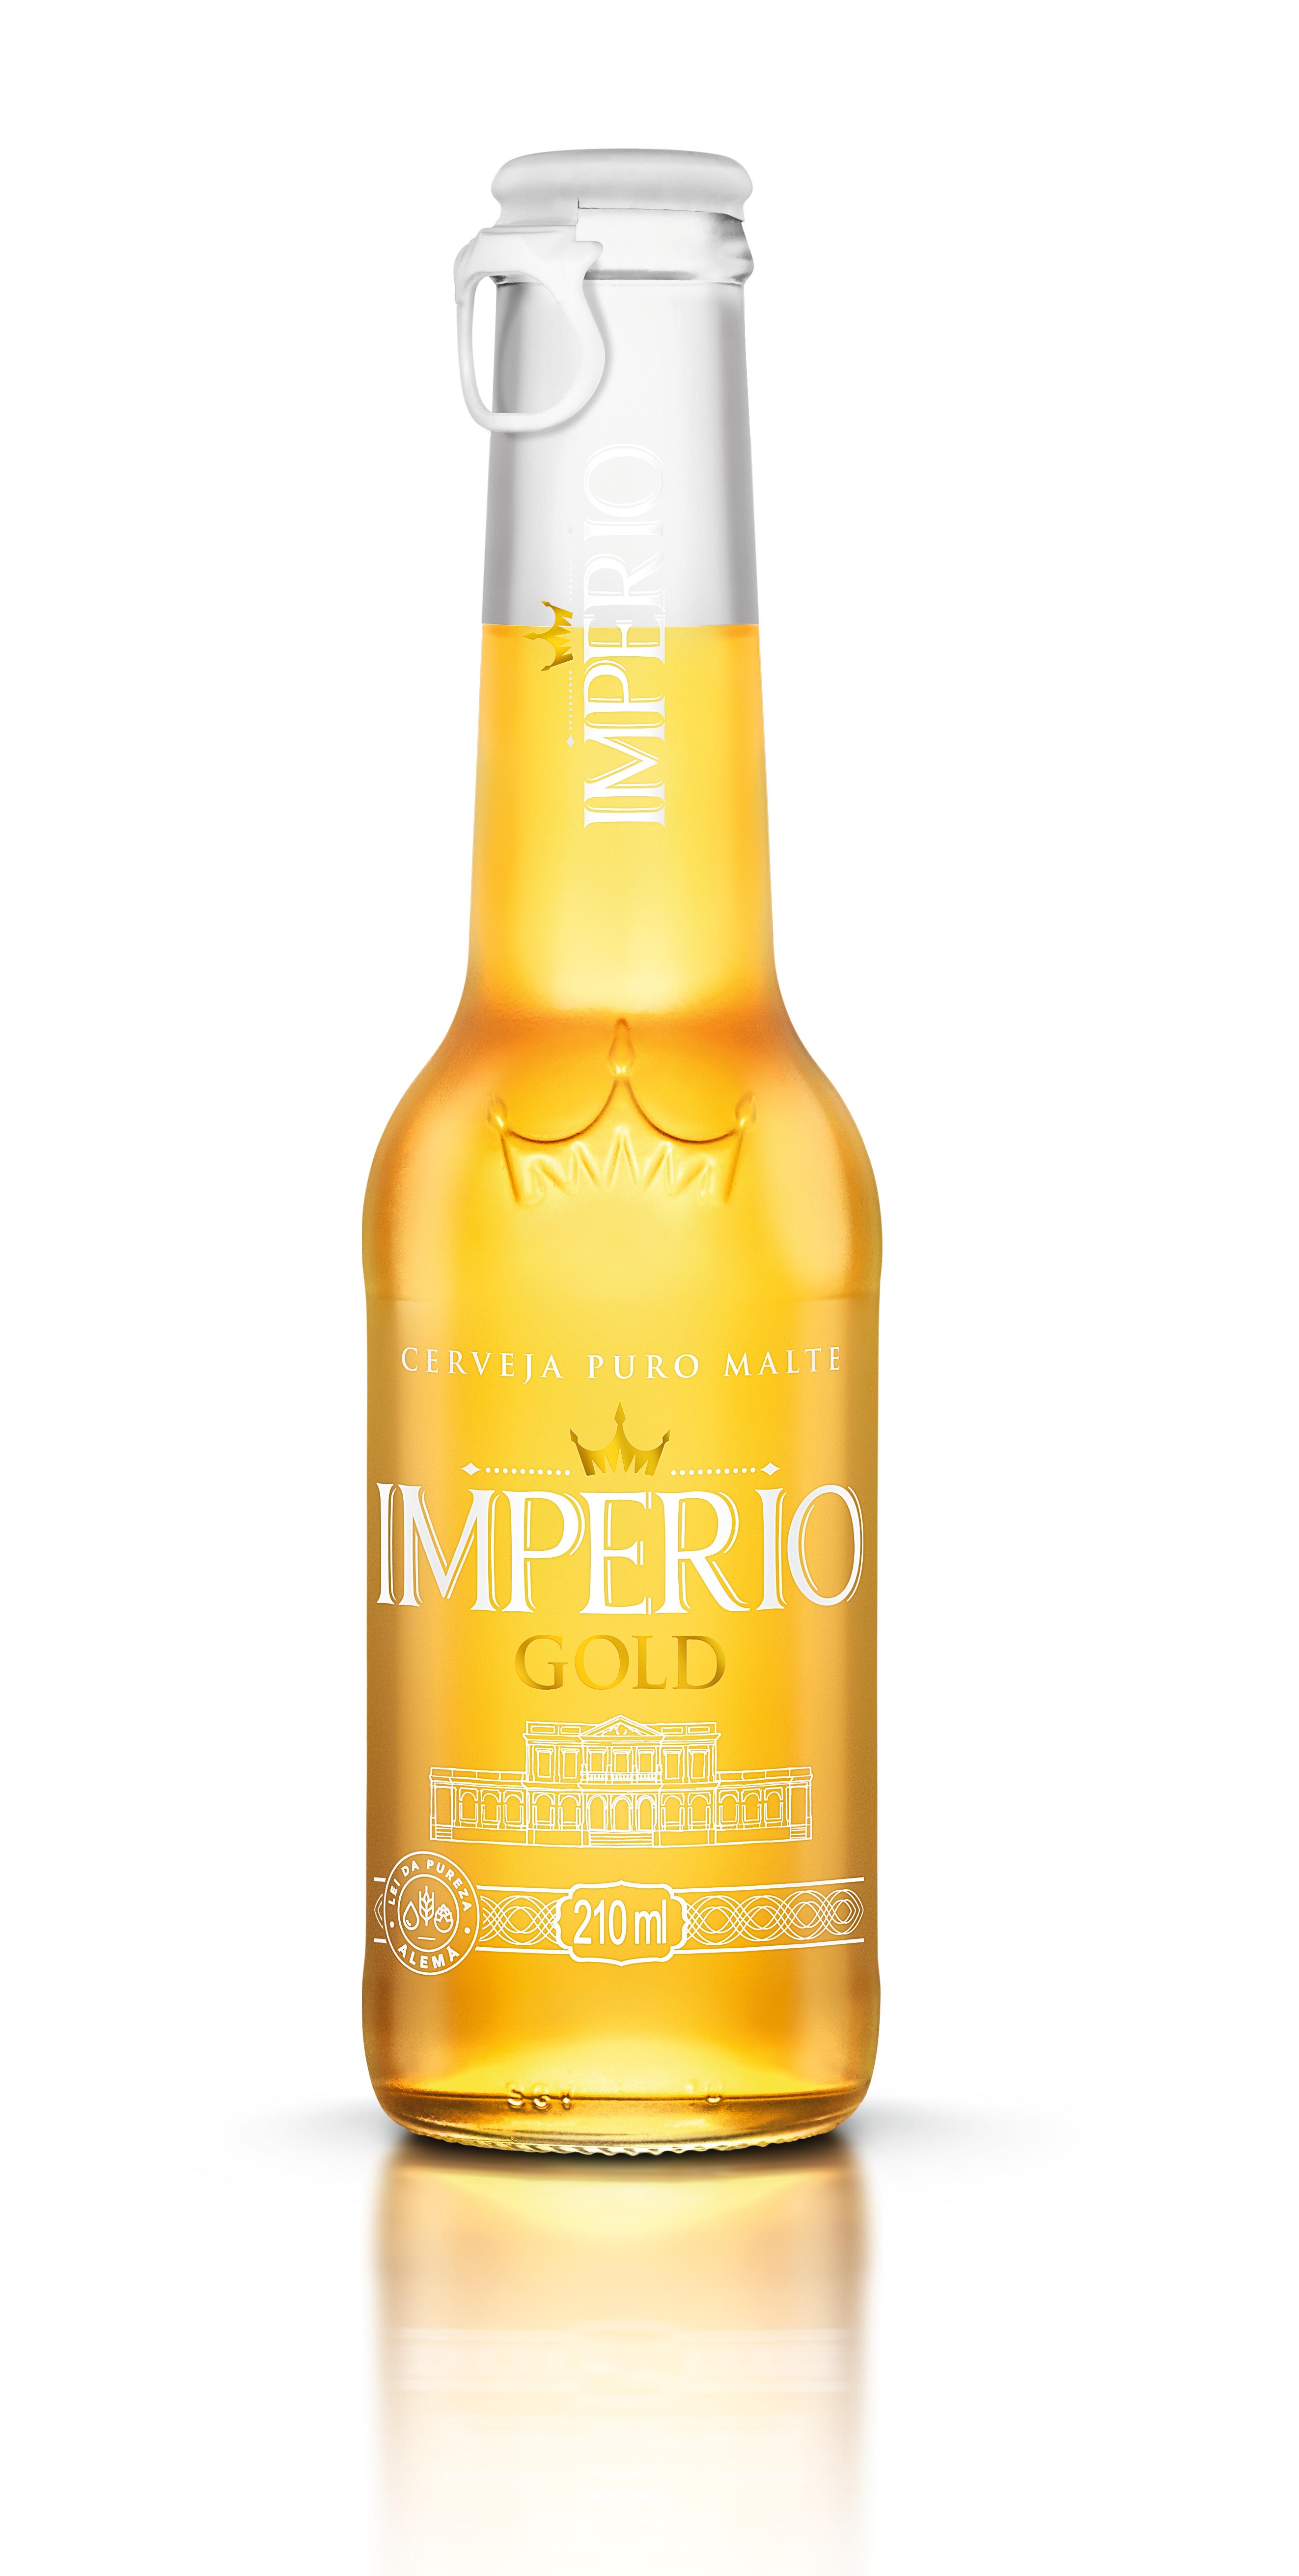 CERVEJA IMPERIO GOLD PURO MALTE LONG NECK 210ML UN